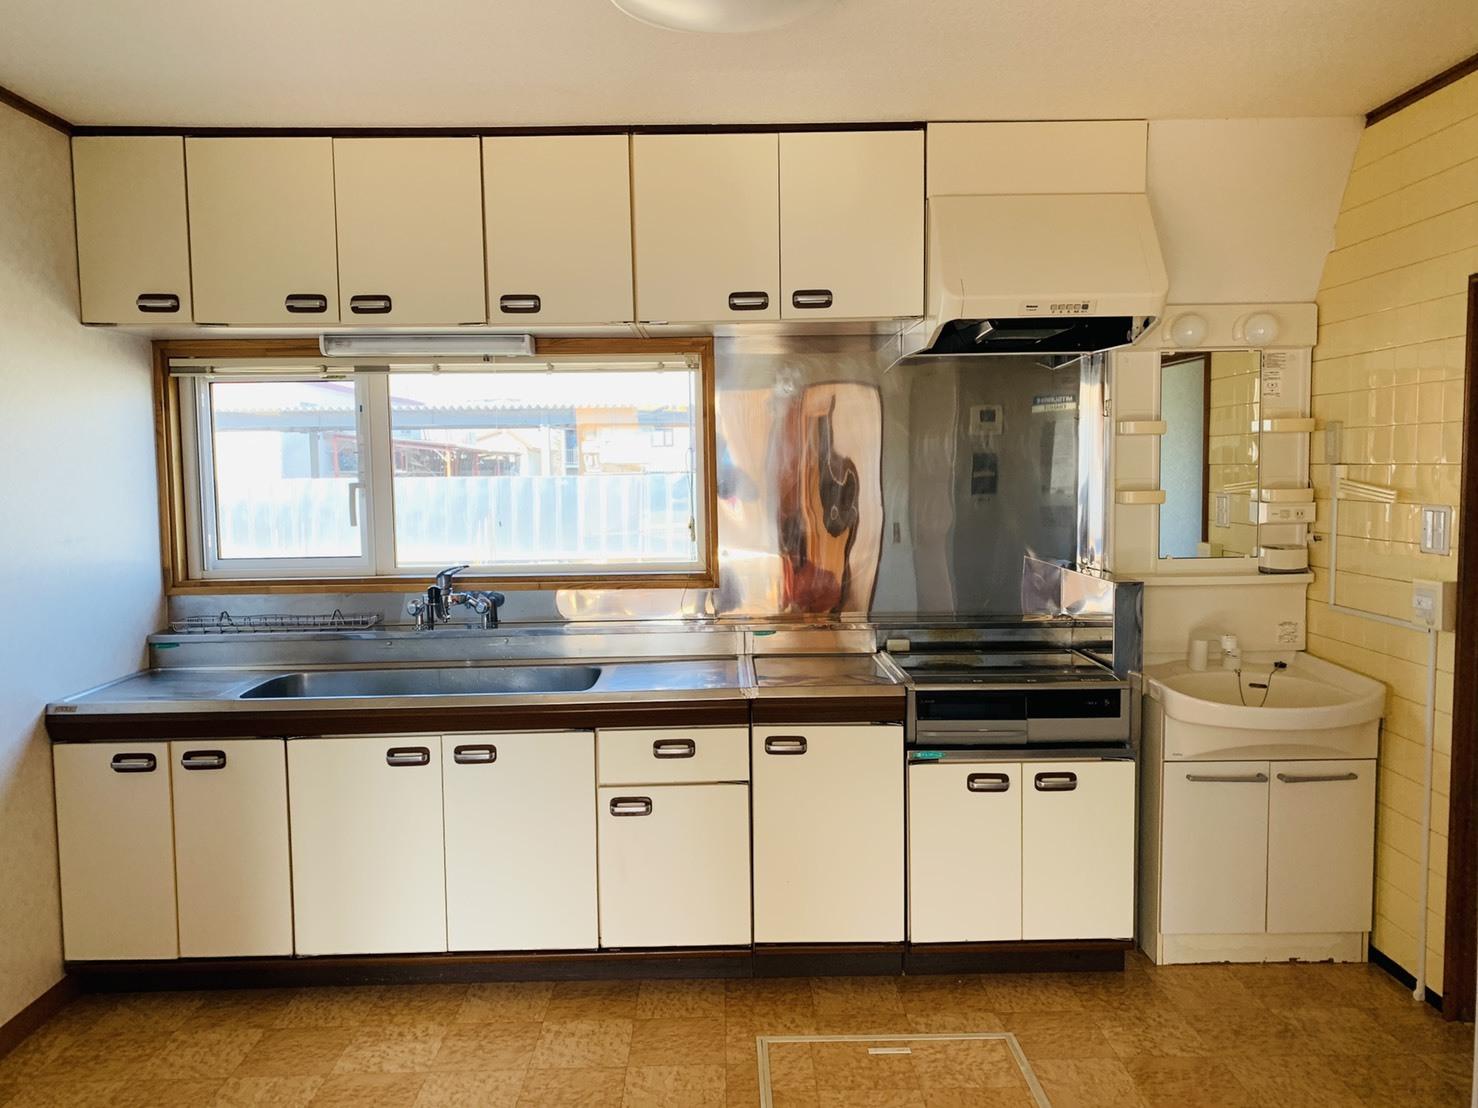 遺品整理の終わったお家の 清掃作業へ_a0239890_10570733.jpg